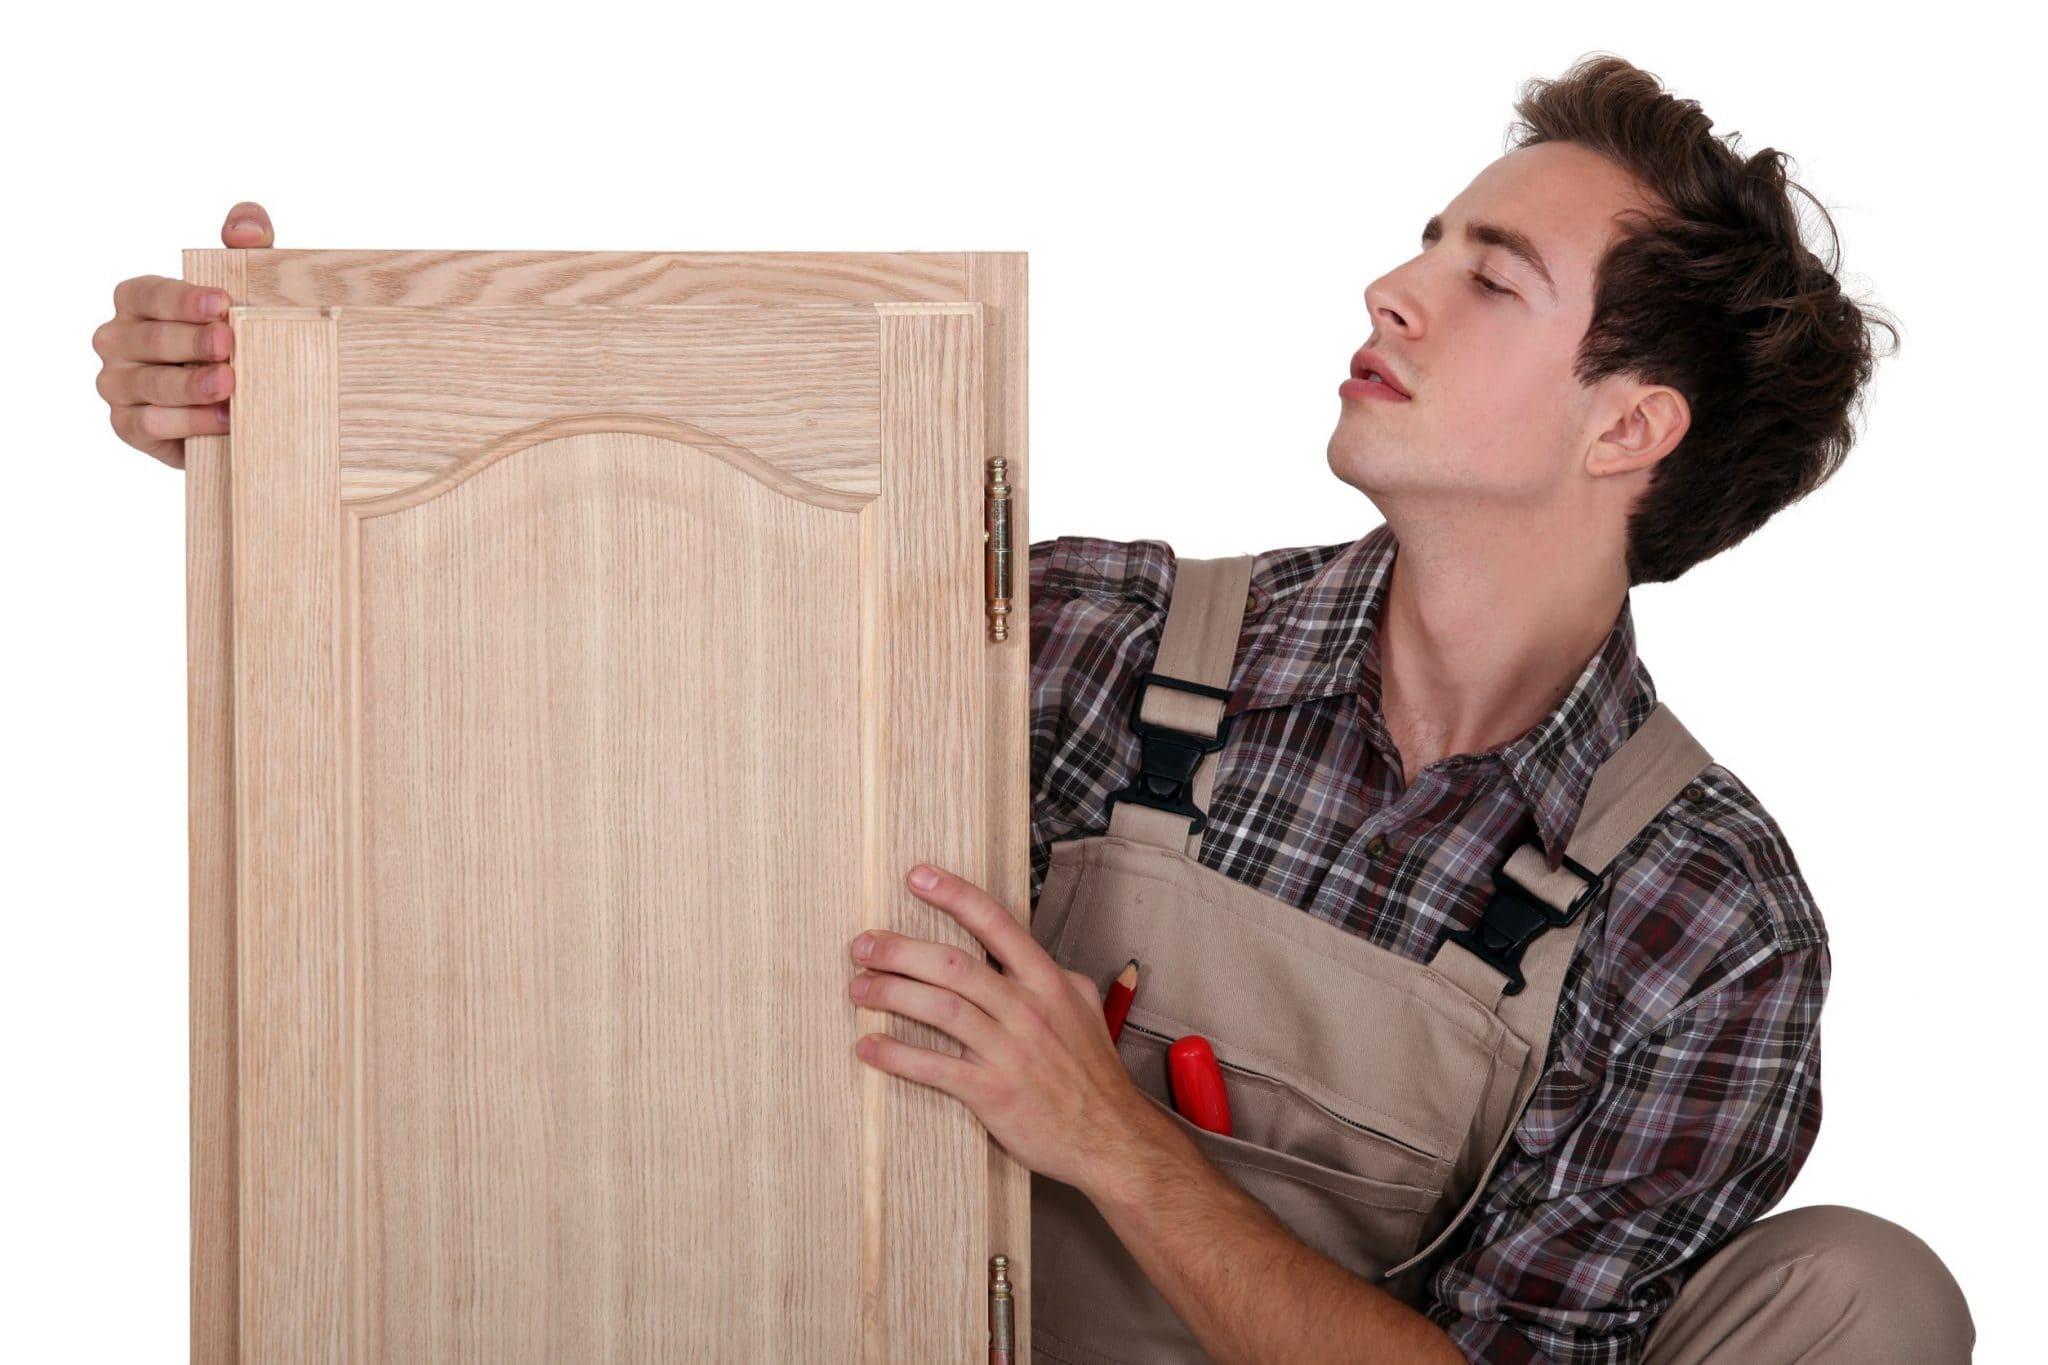 Cabinet Building Basics for DIY'ers